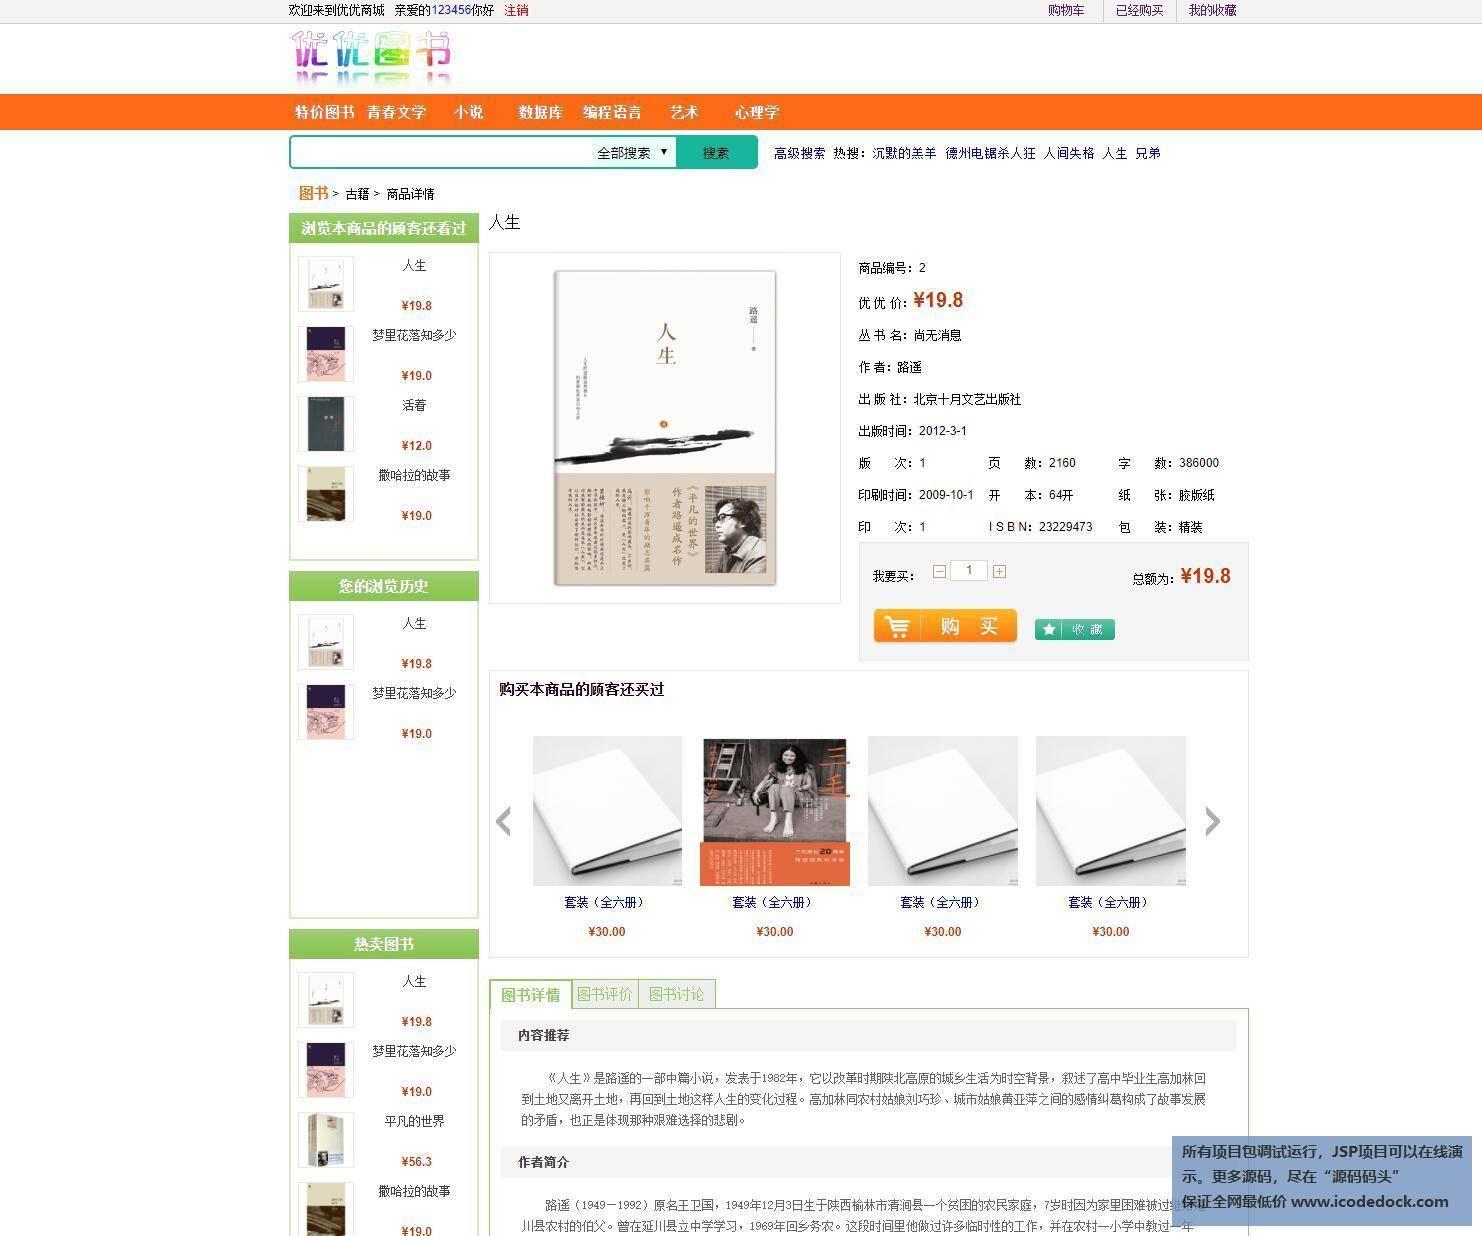 源码码头-Spring图书销售管理系统-用户角色-收藏图书加入购物车